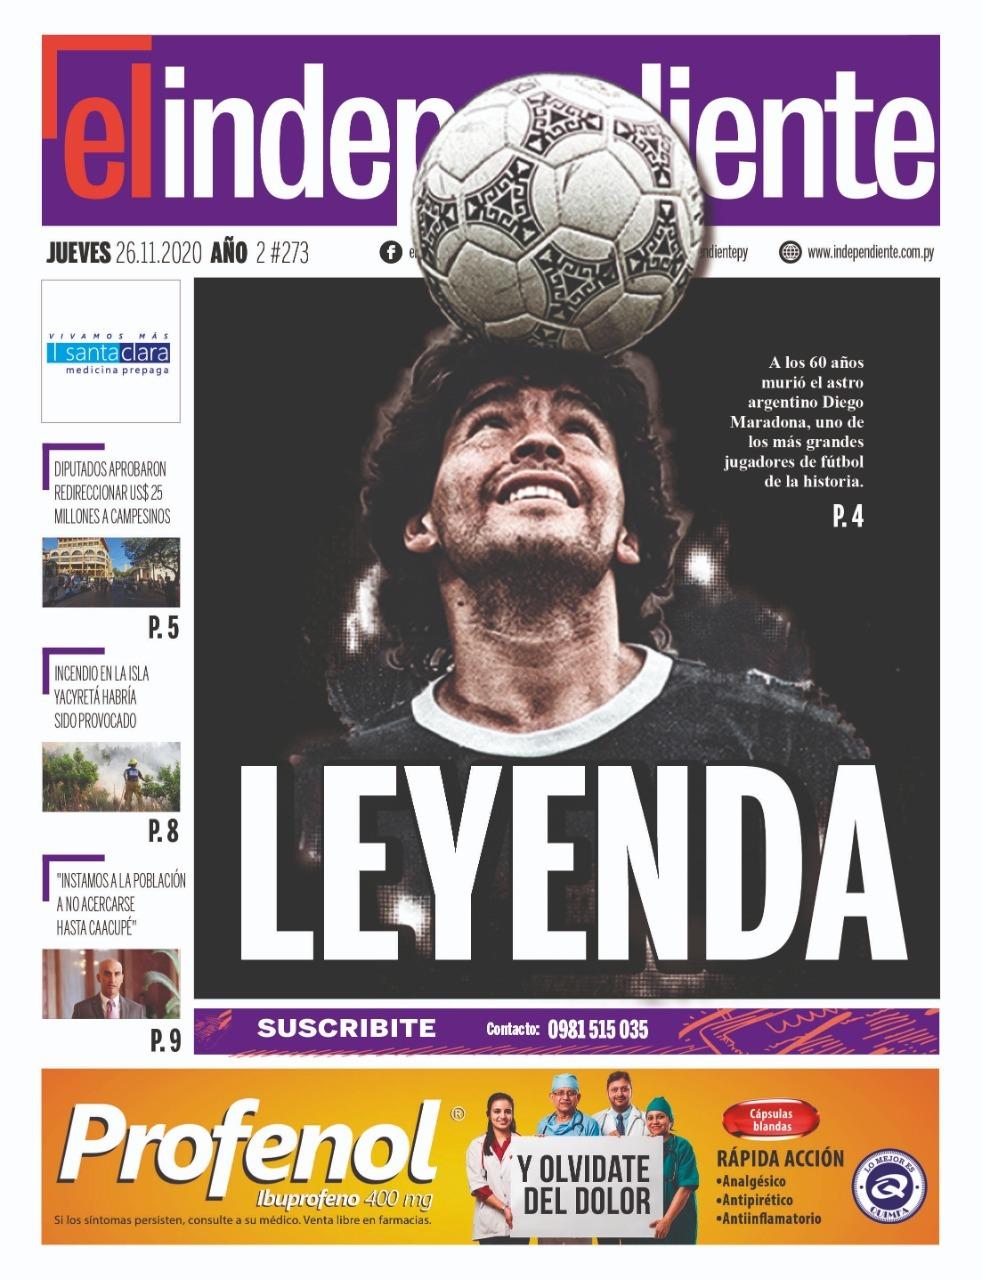 Fallece Diego Armando Maradona al sufrir un paro cardíaco  16063870335655